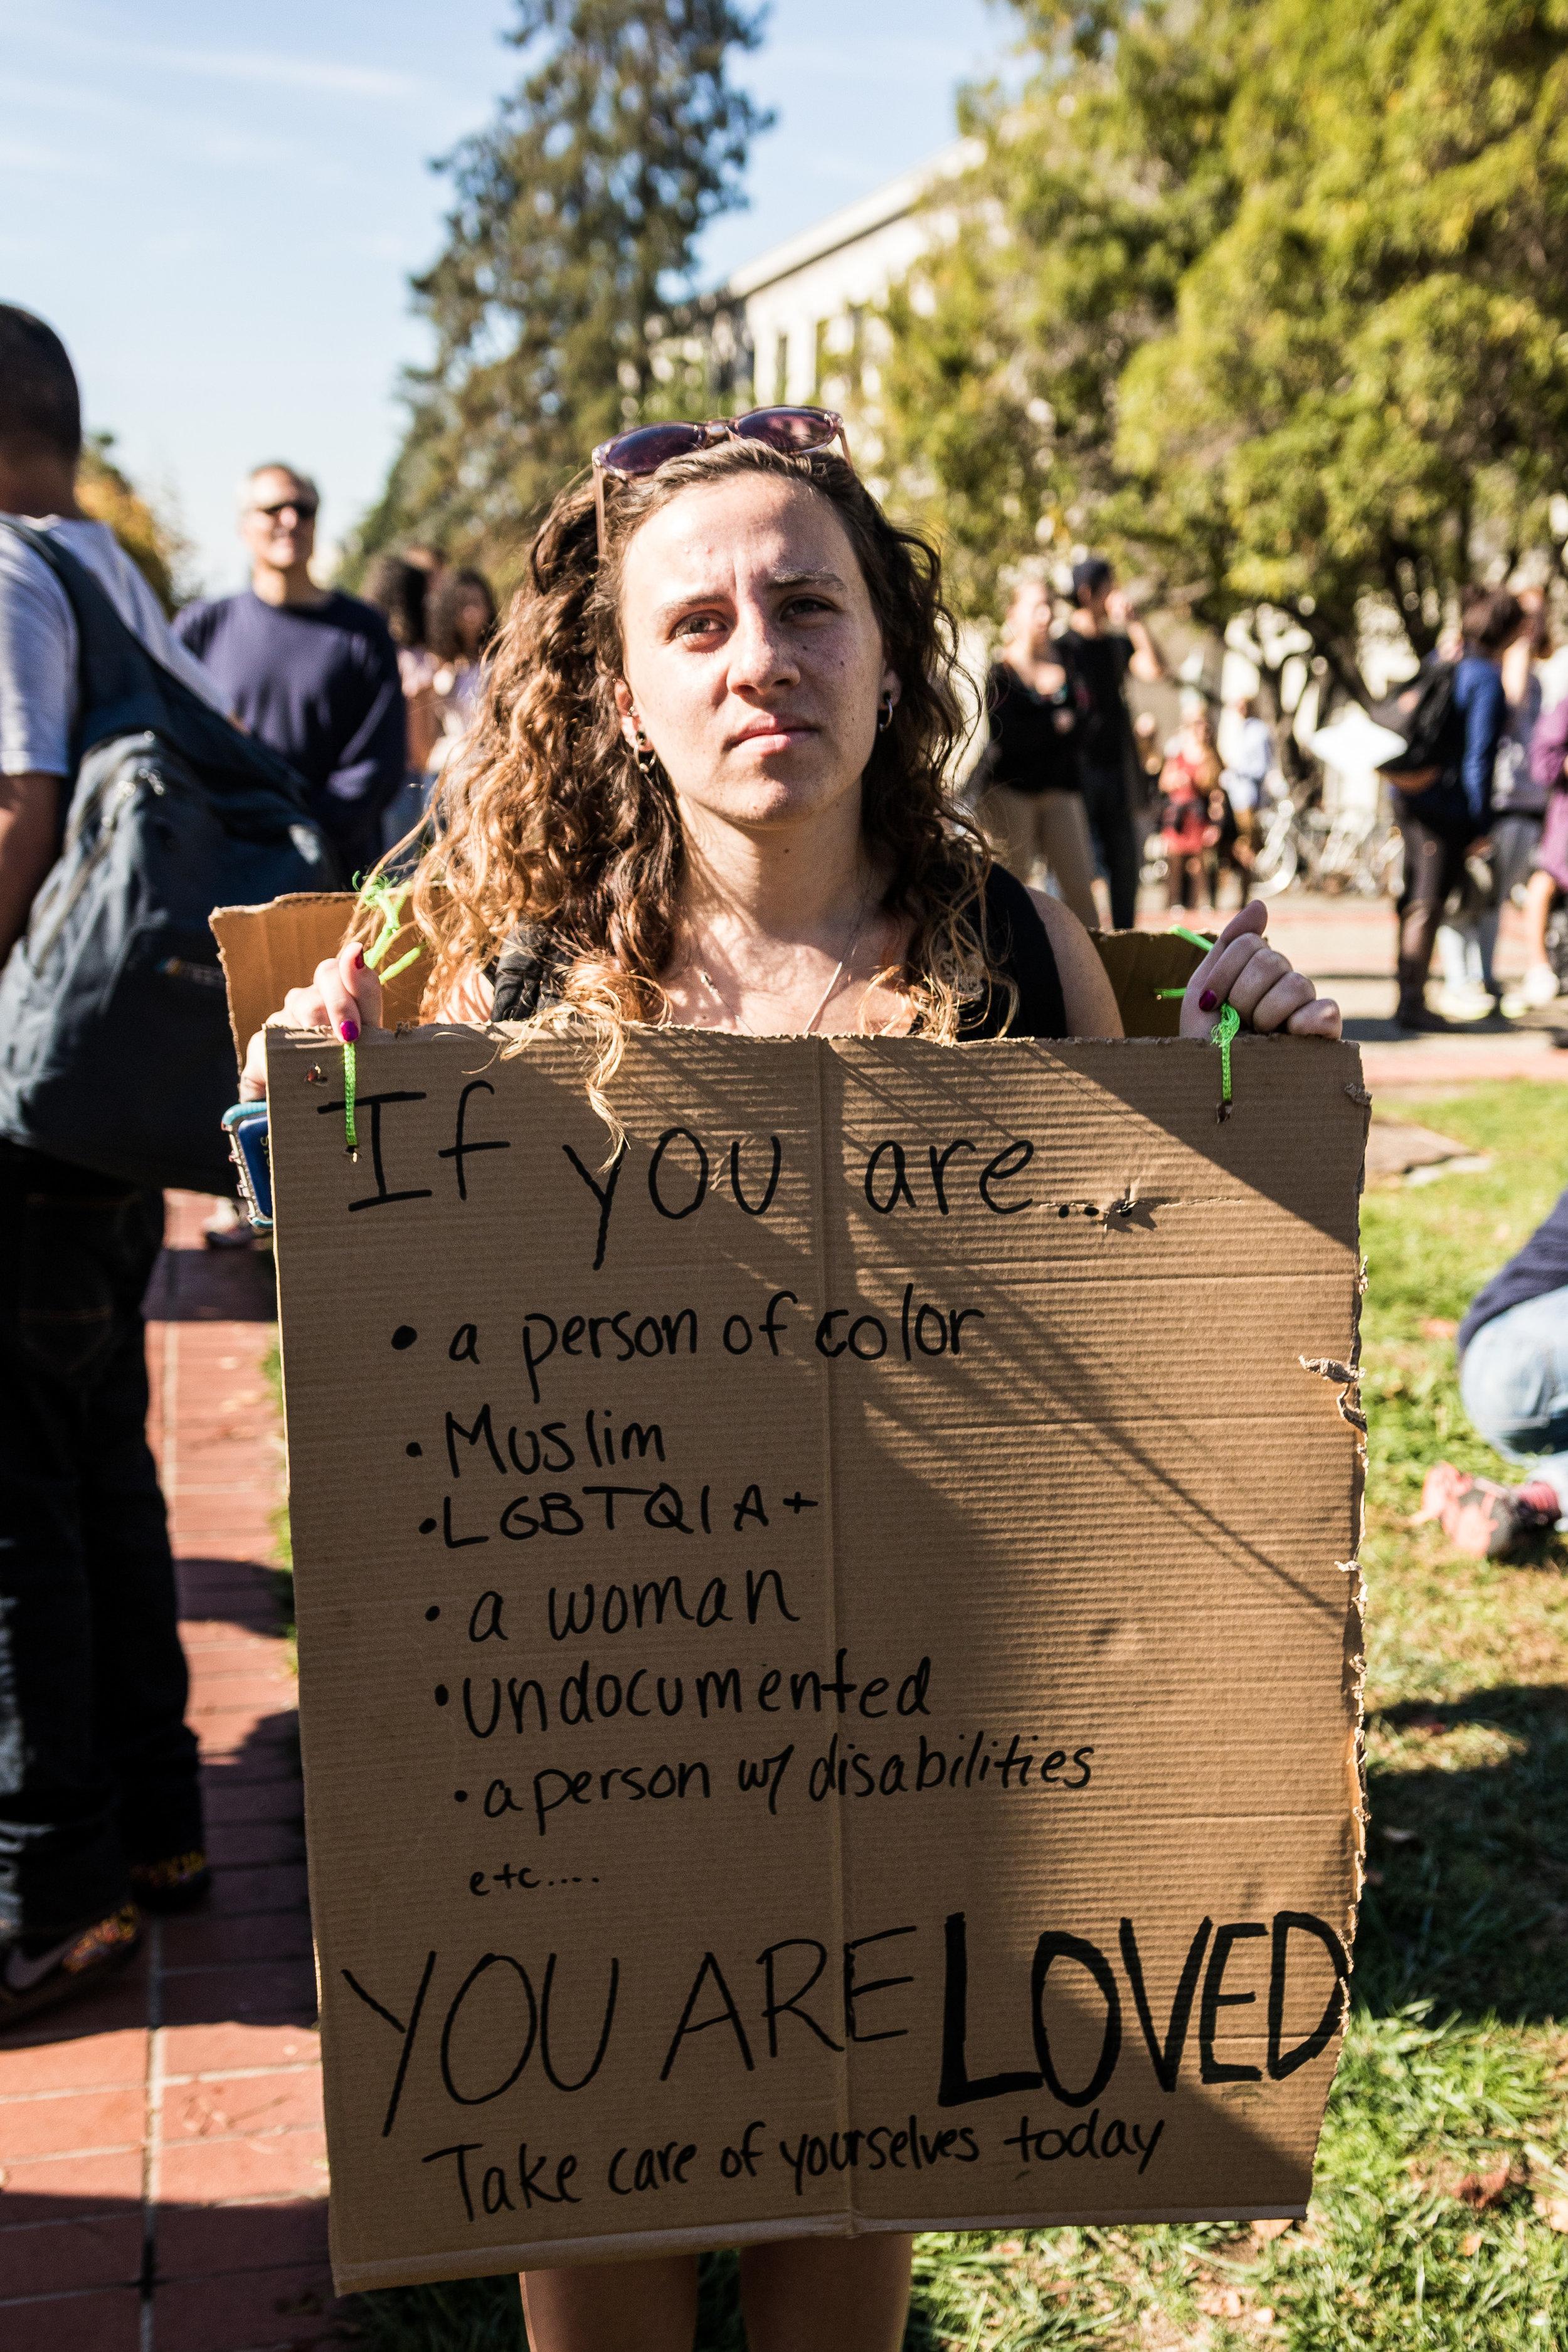 Berkeley-Nov9Rally33-LoveSignPortrait-FullRes.jpg